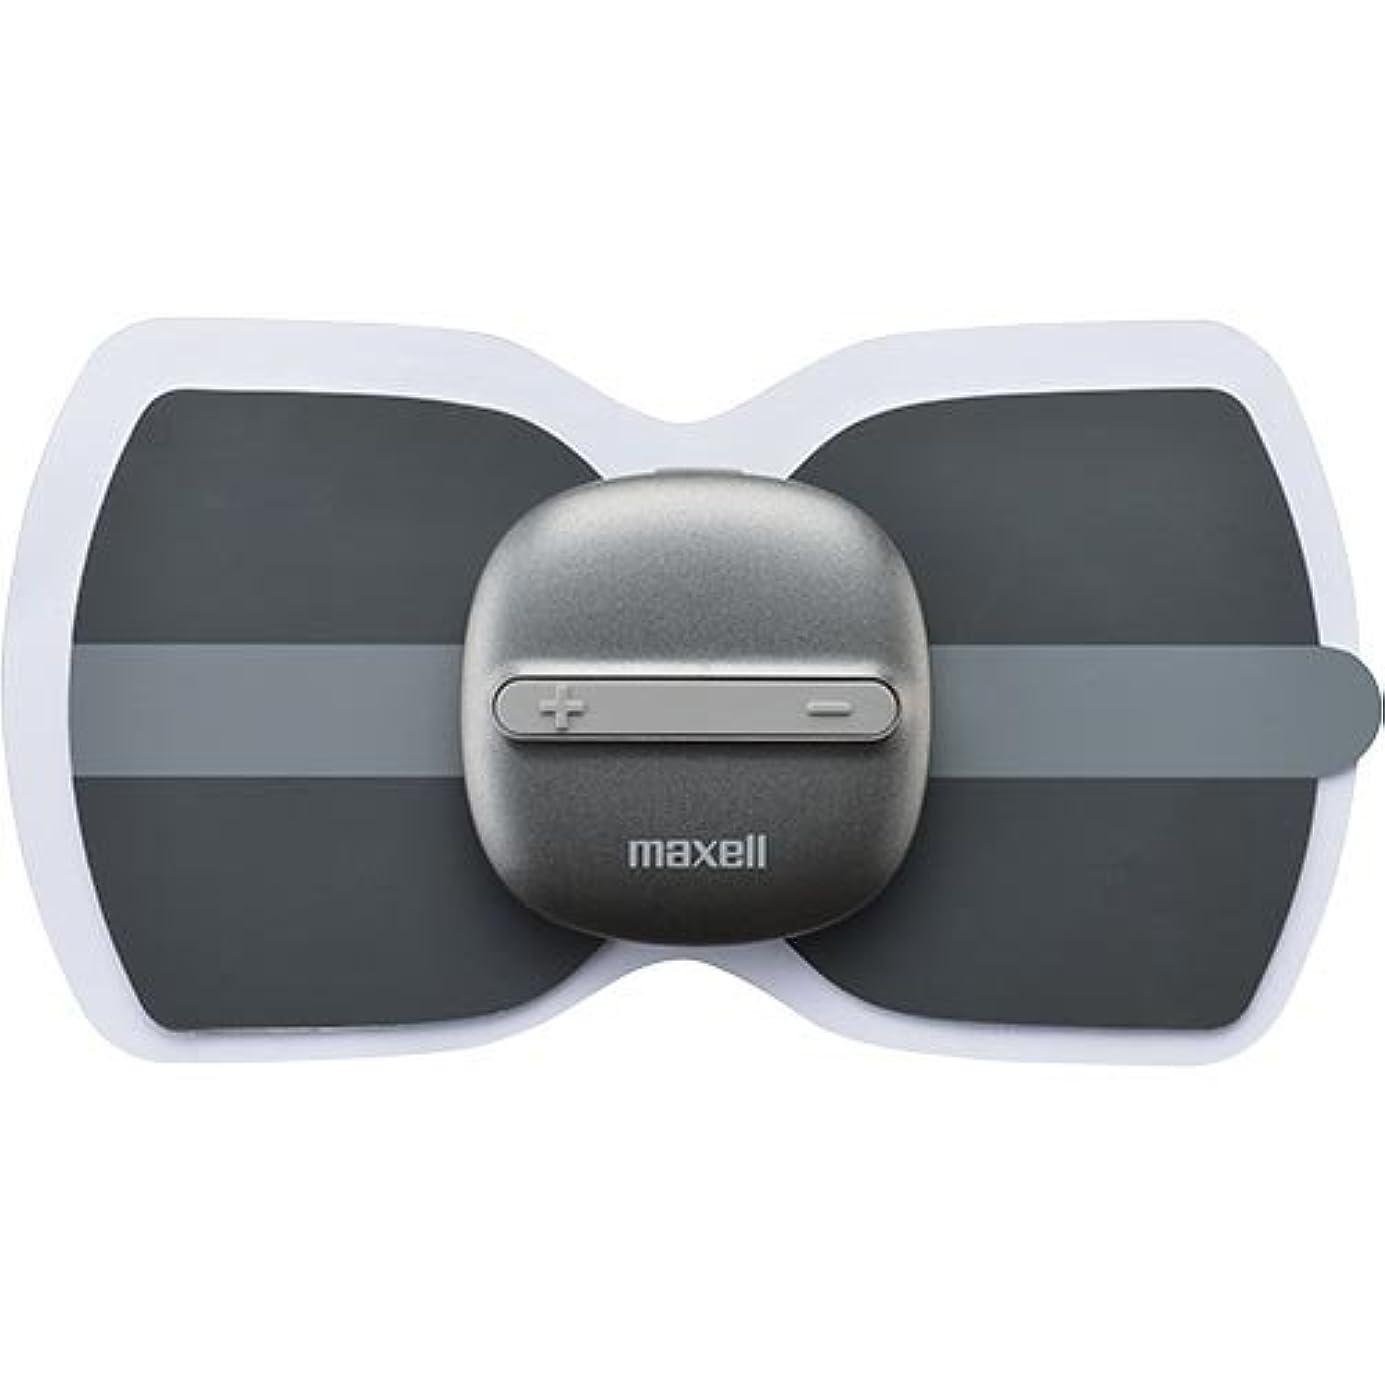 日立マクセル(株) 低周波治療器 もみケア ブラック×1個 MXTS-MR100B1P